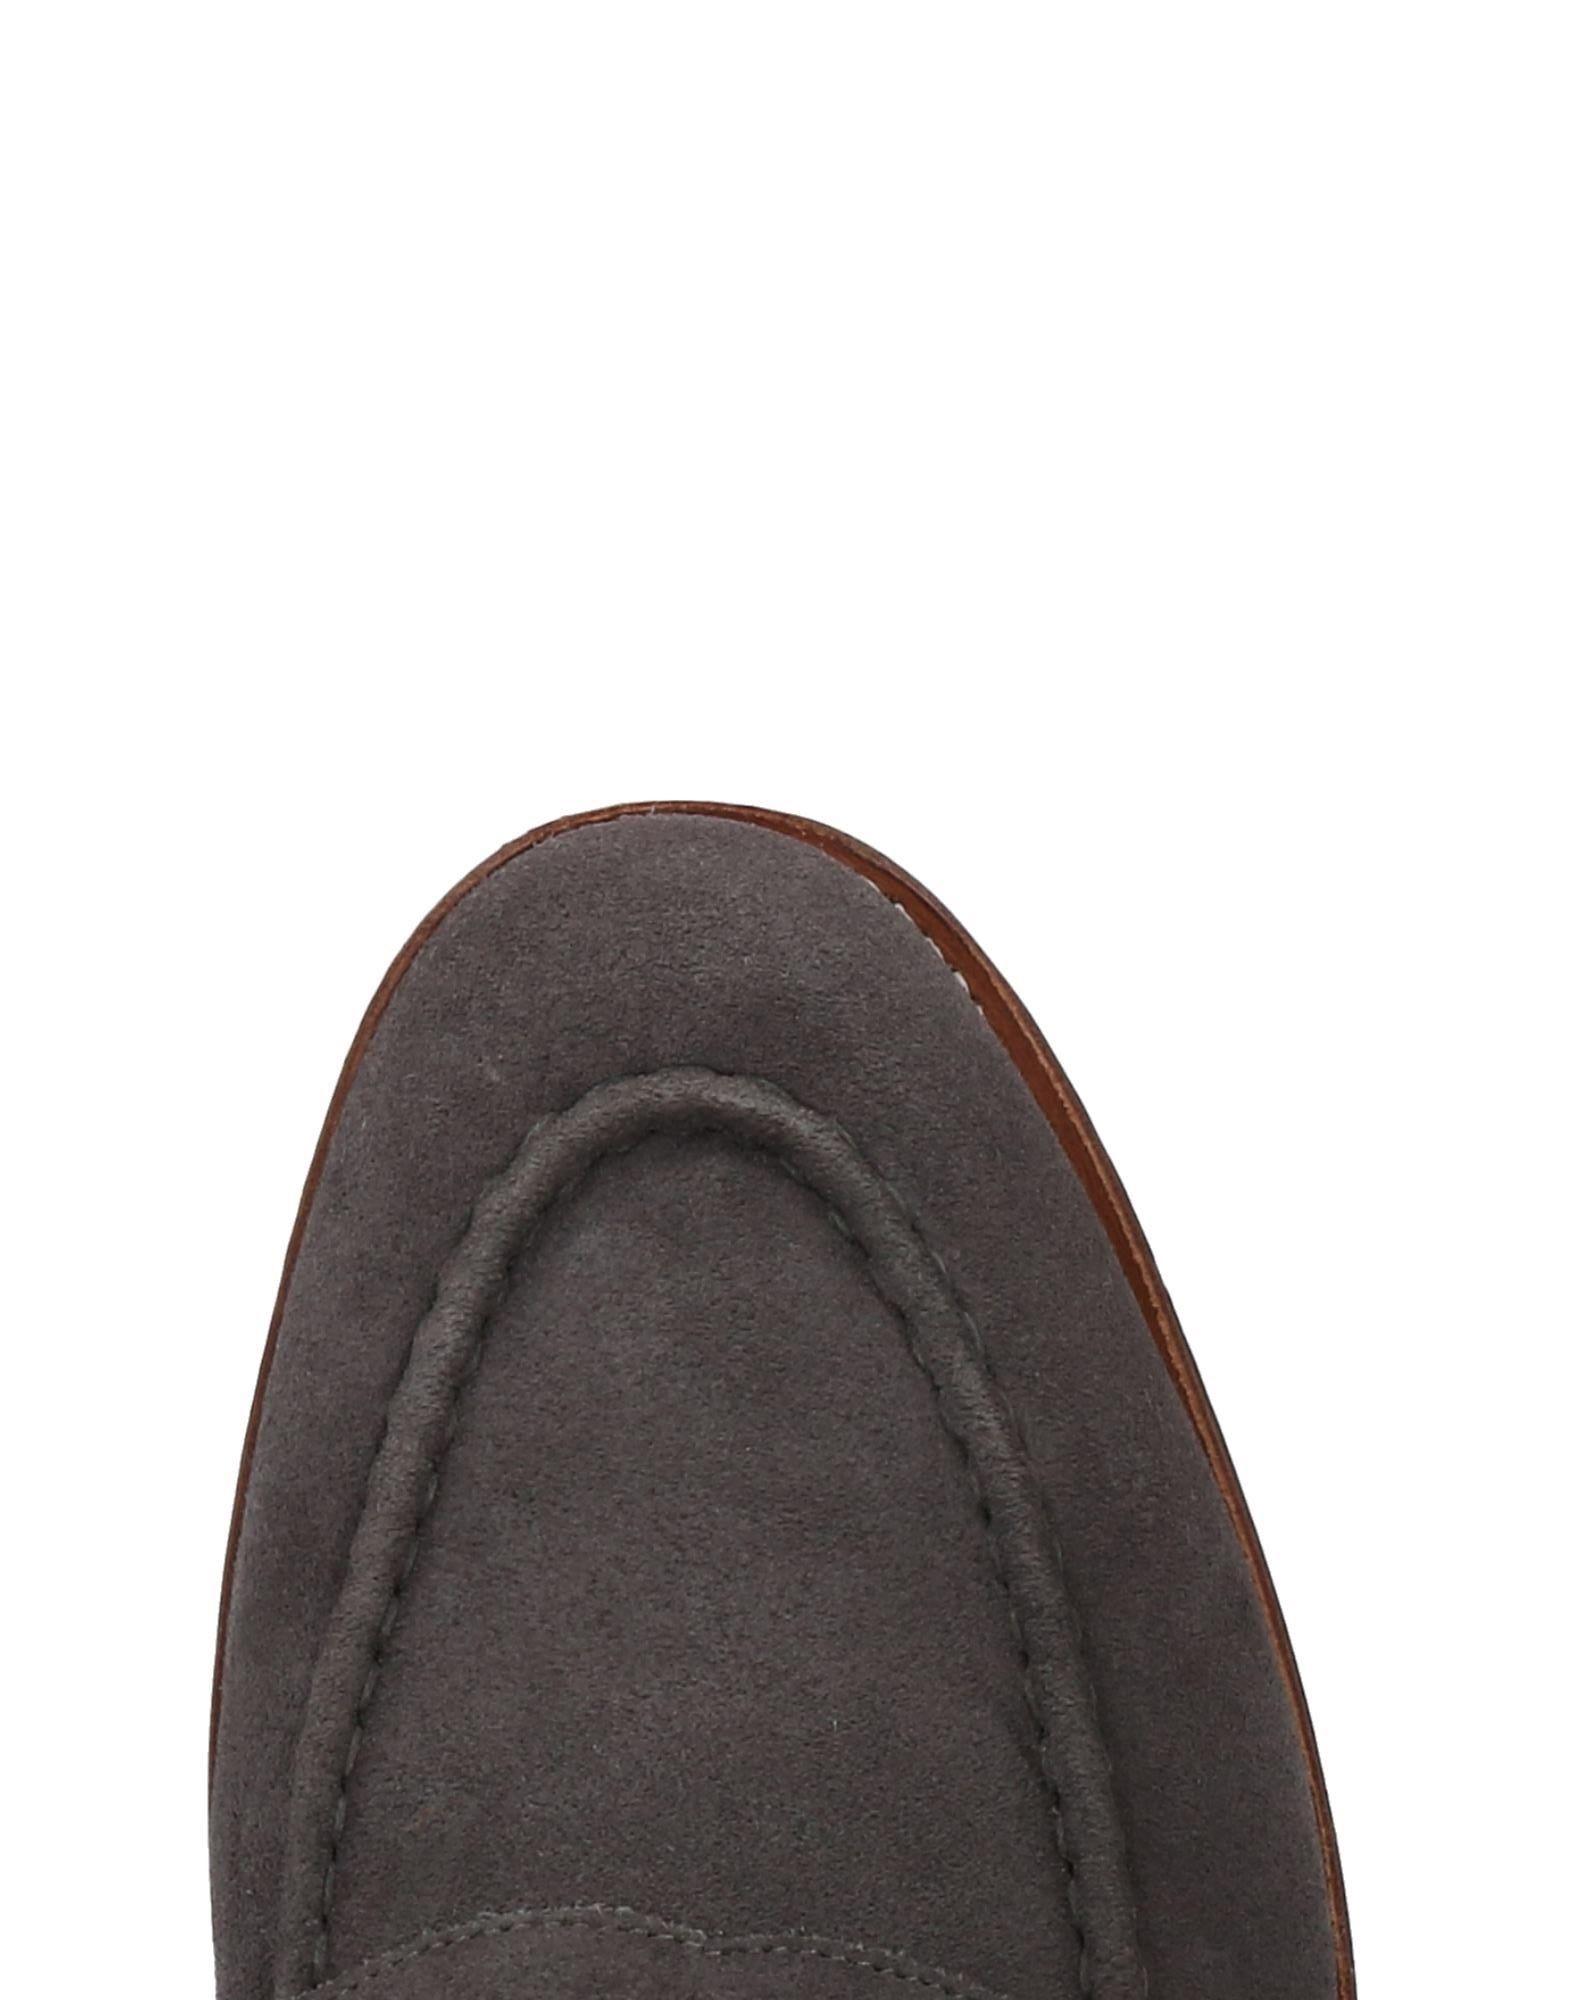 Grenson Gute Mokassins Herren  11453670FB Gute Grenson Qualität beliebte Schuhe 4a9c78